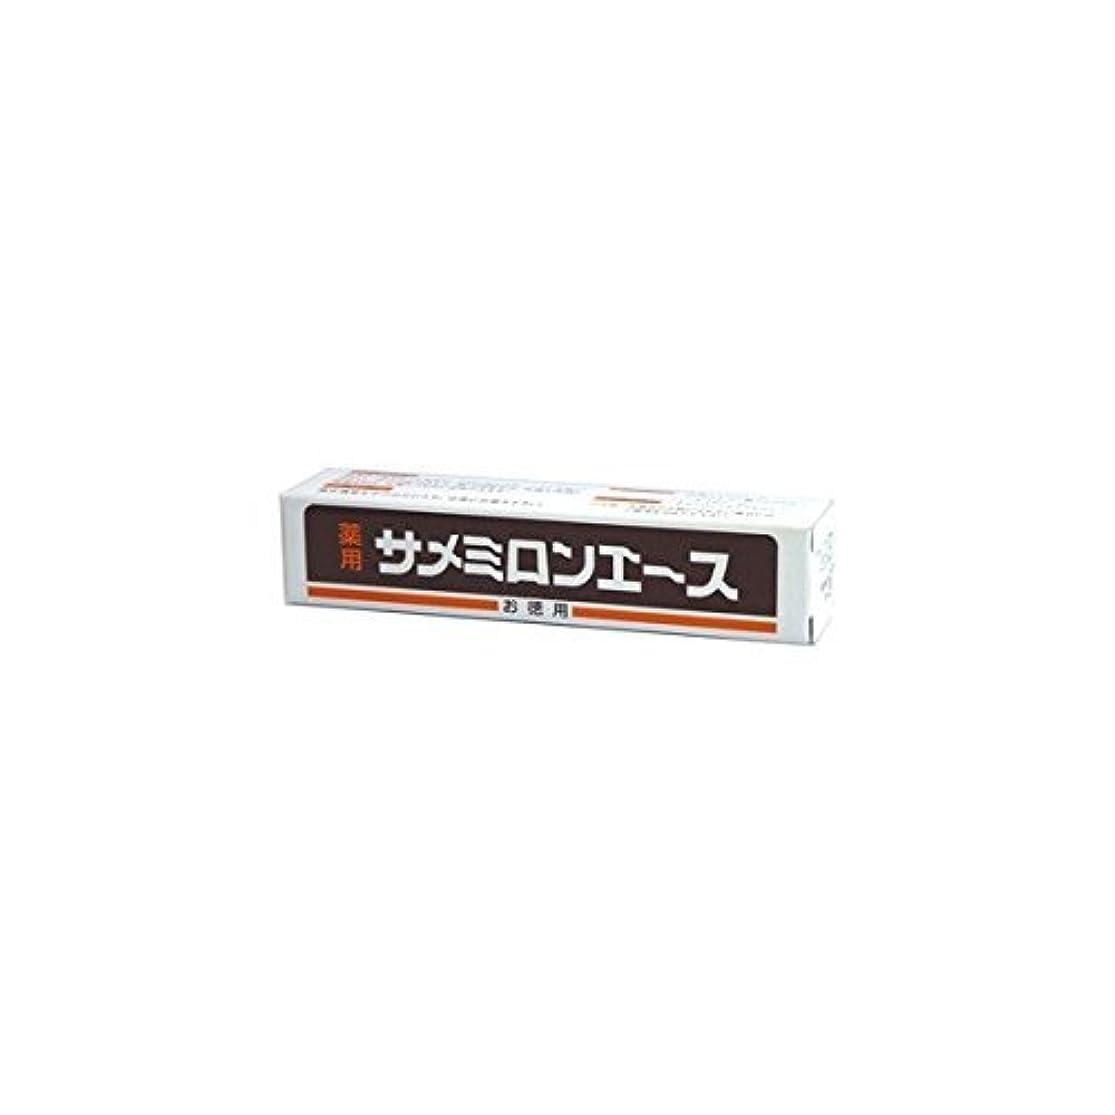 値食事禁止薬用 サメミロンエース 20ml入り 2個 スクアレン配合